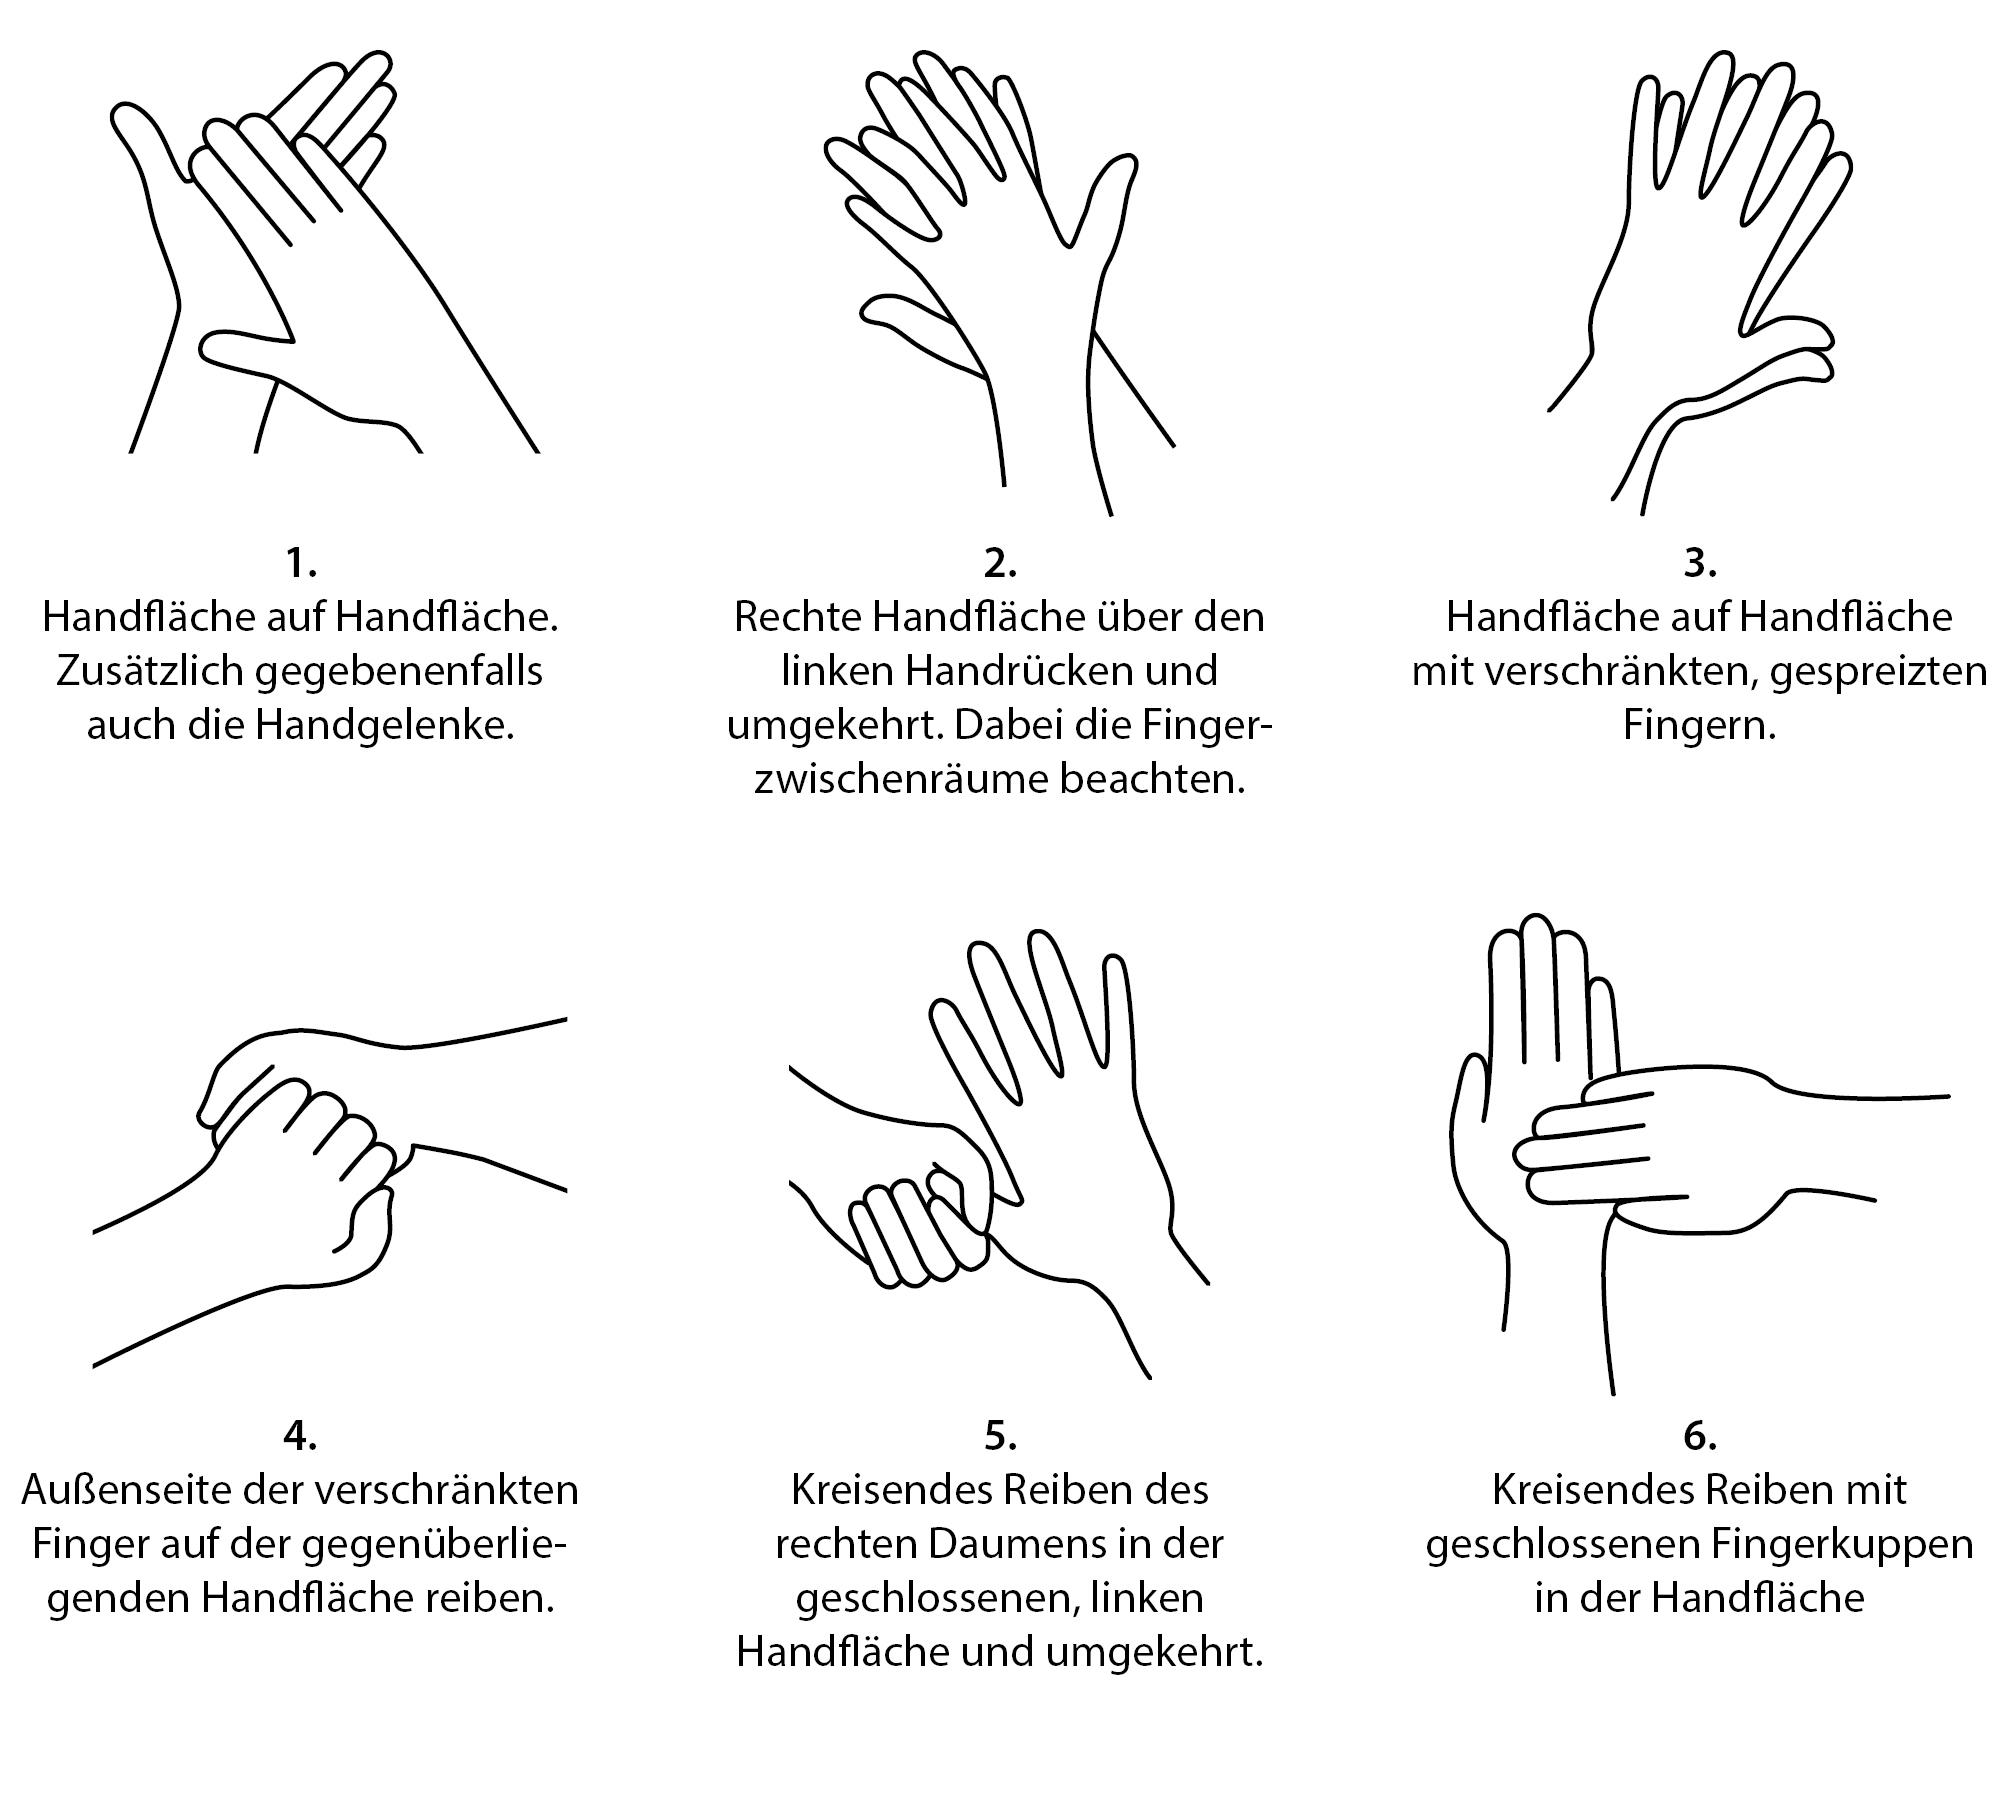 Anleitung zur Händedesinfektion